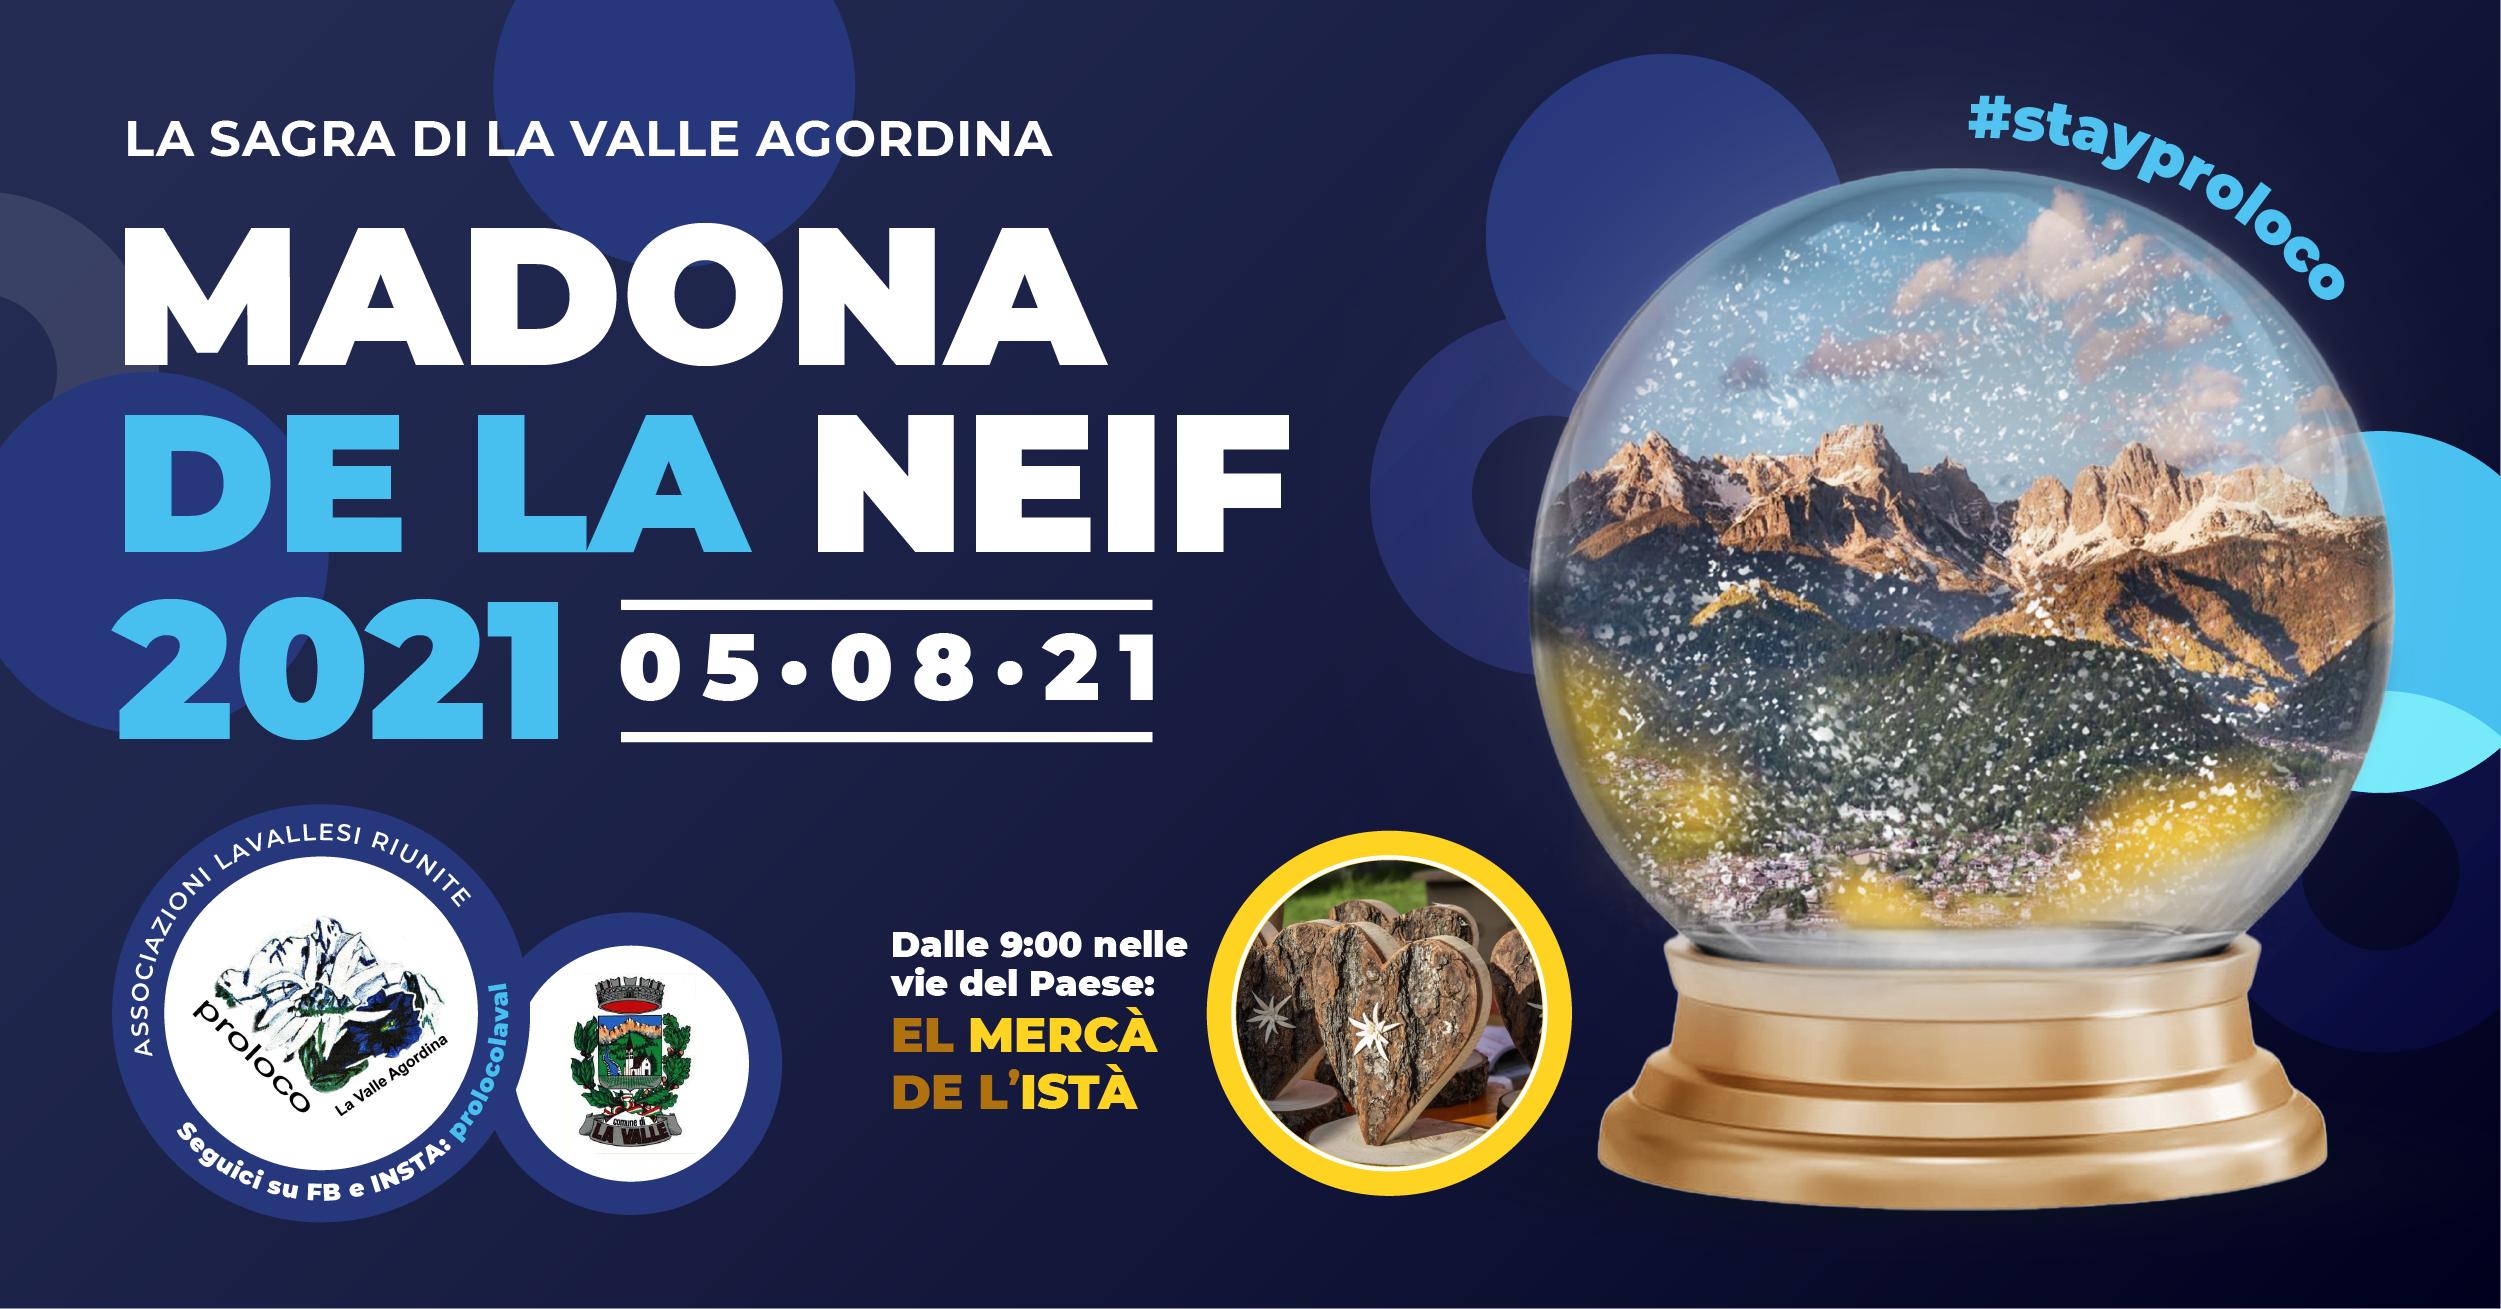 Madona de la Neif La Valle Agordina